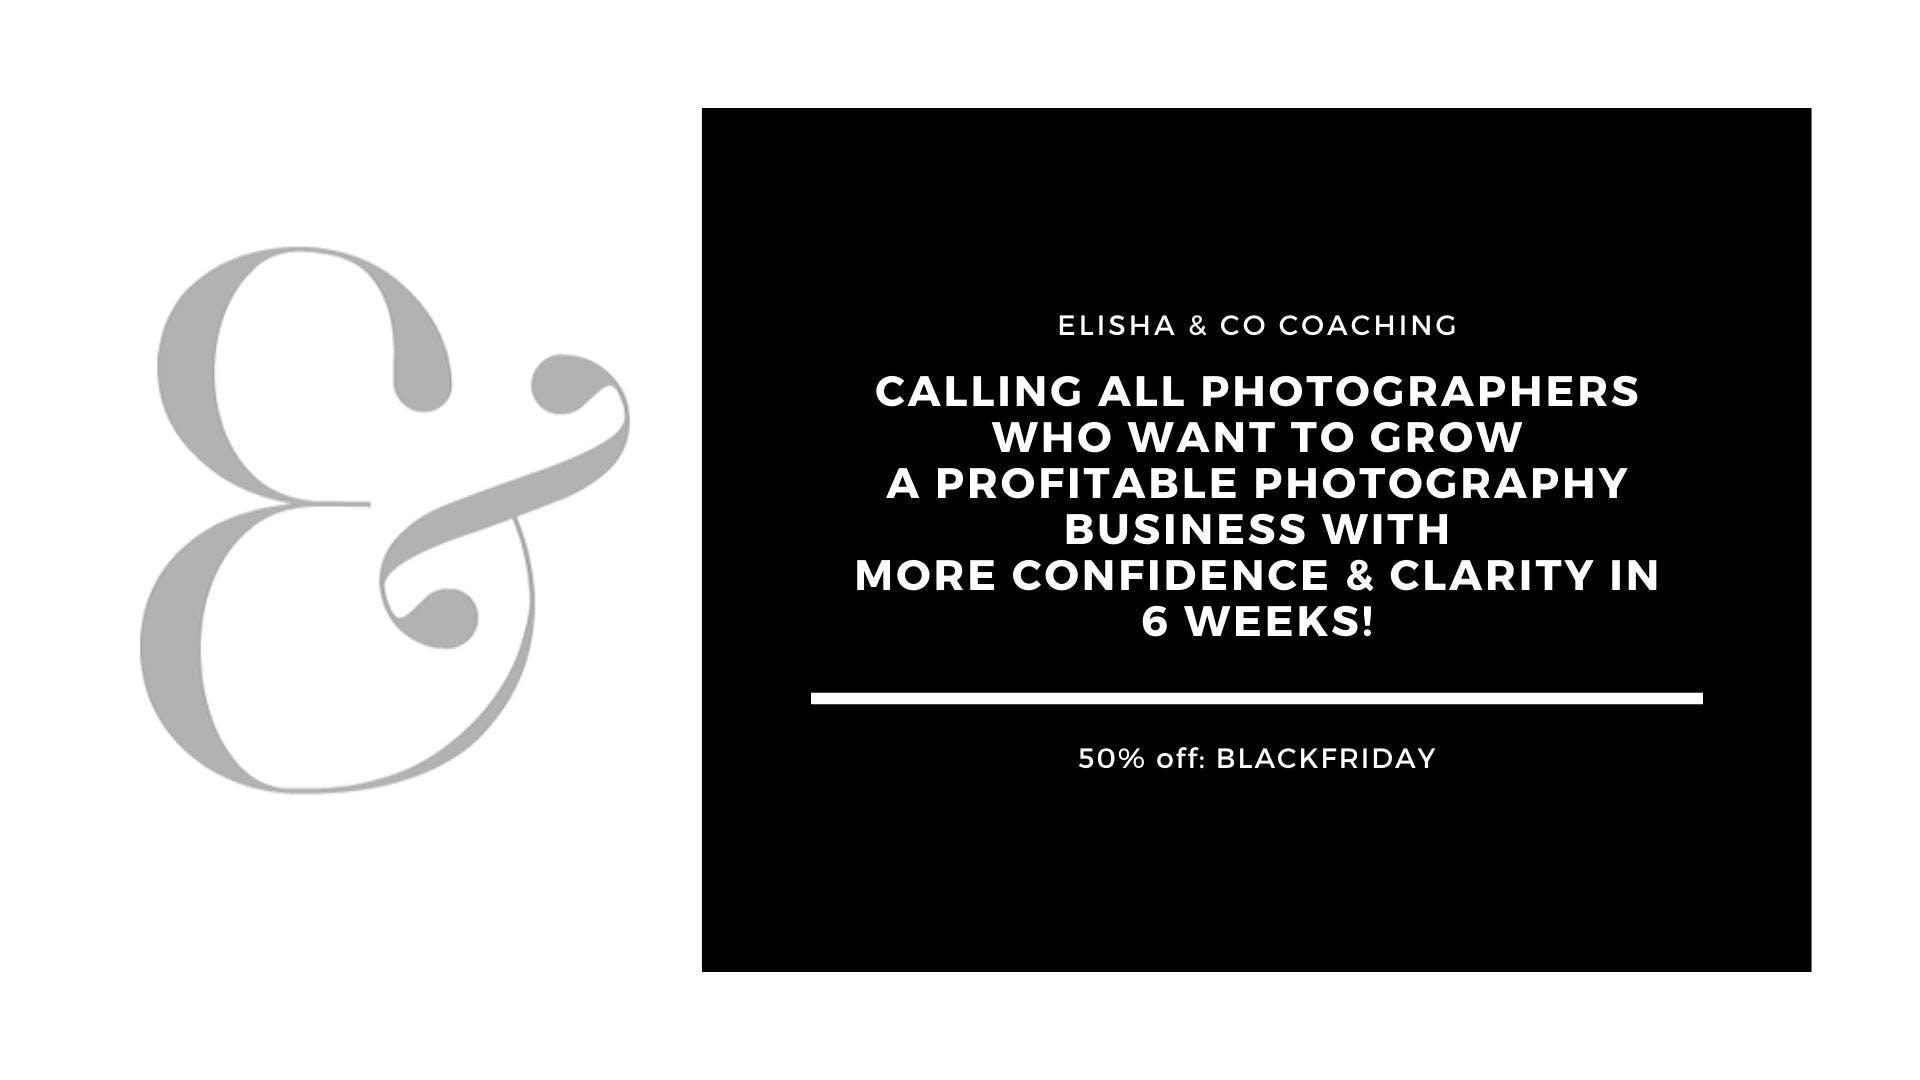 Elisha & Co Coaching Black Friday discount for photographers